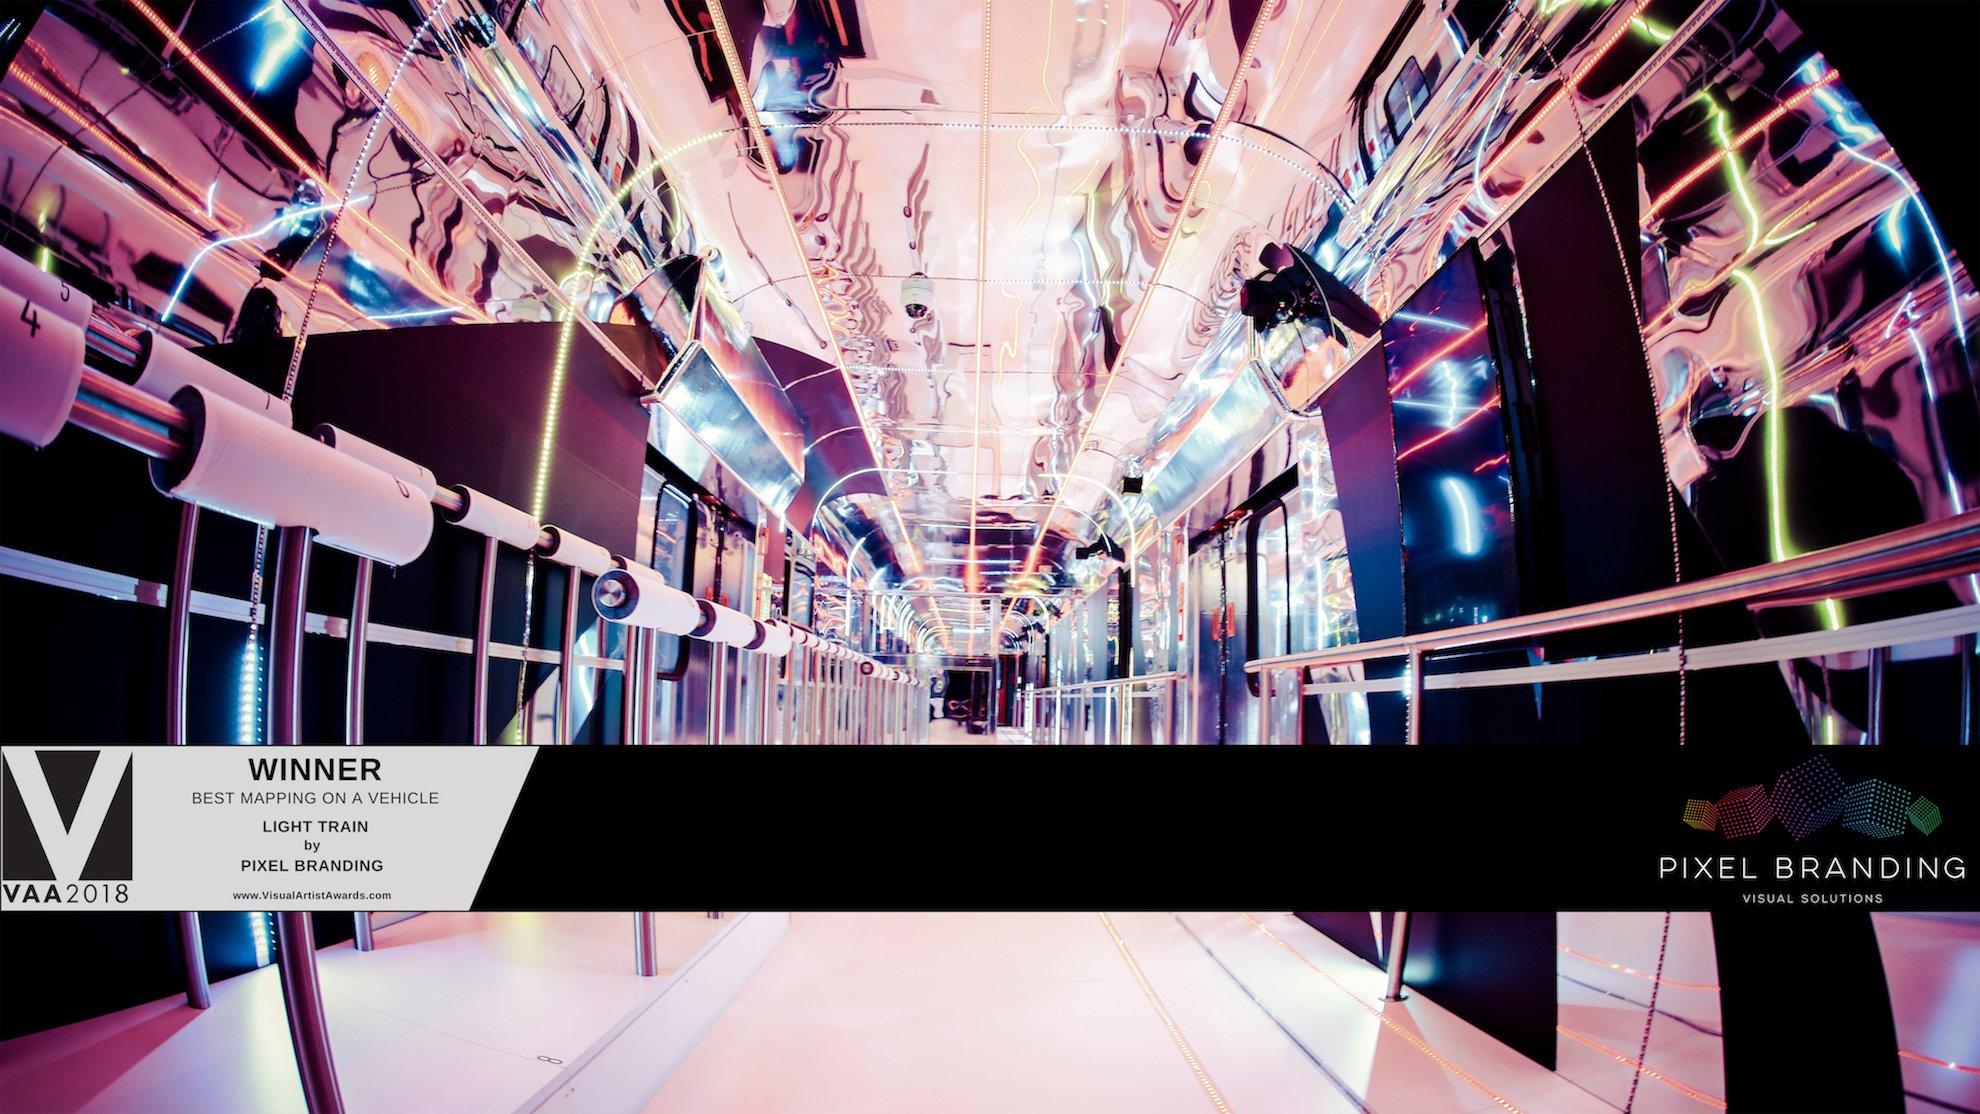 8_Pixel_Startseite_VAA-Train2